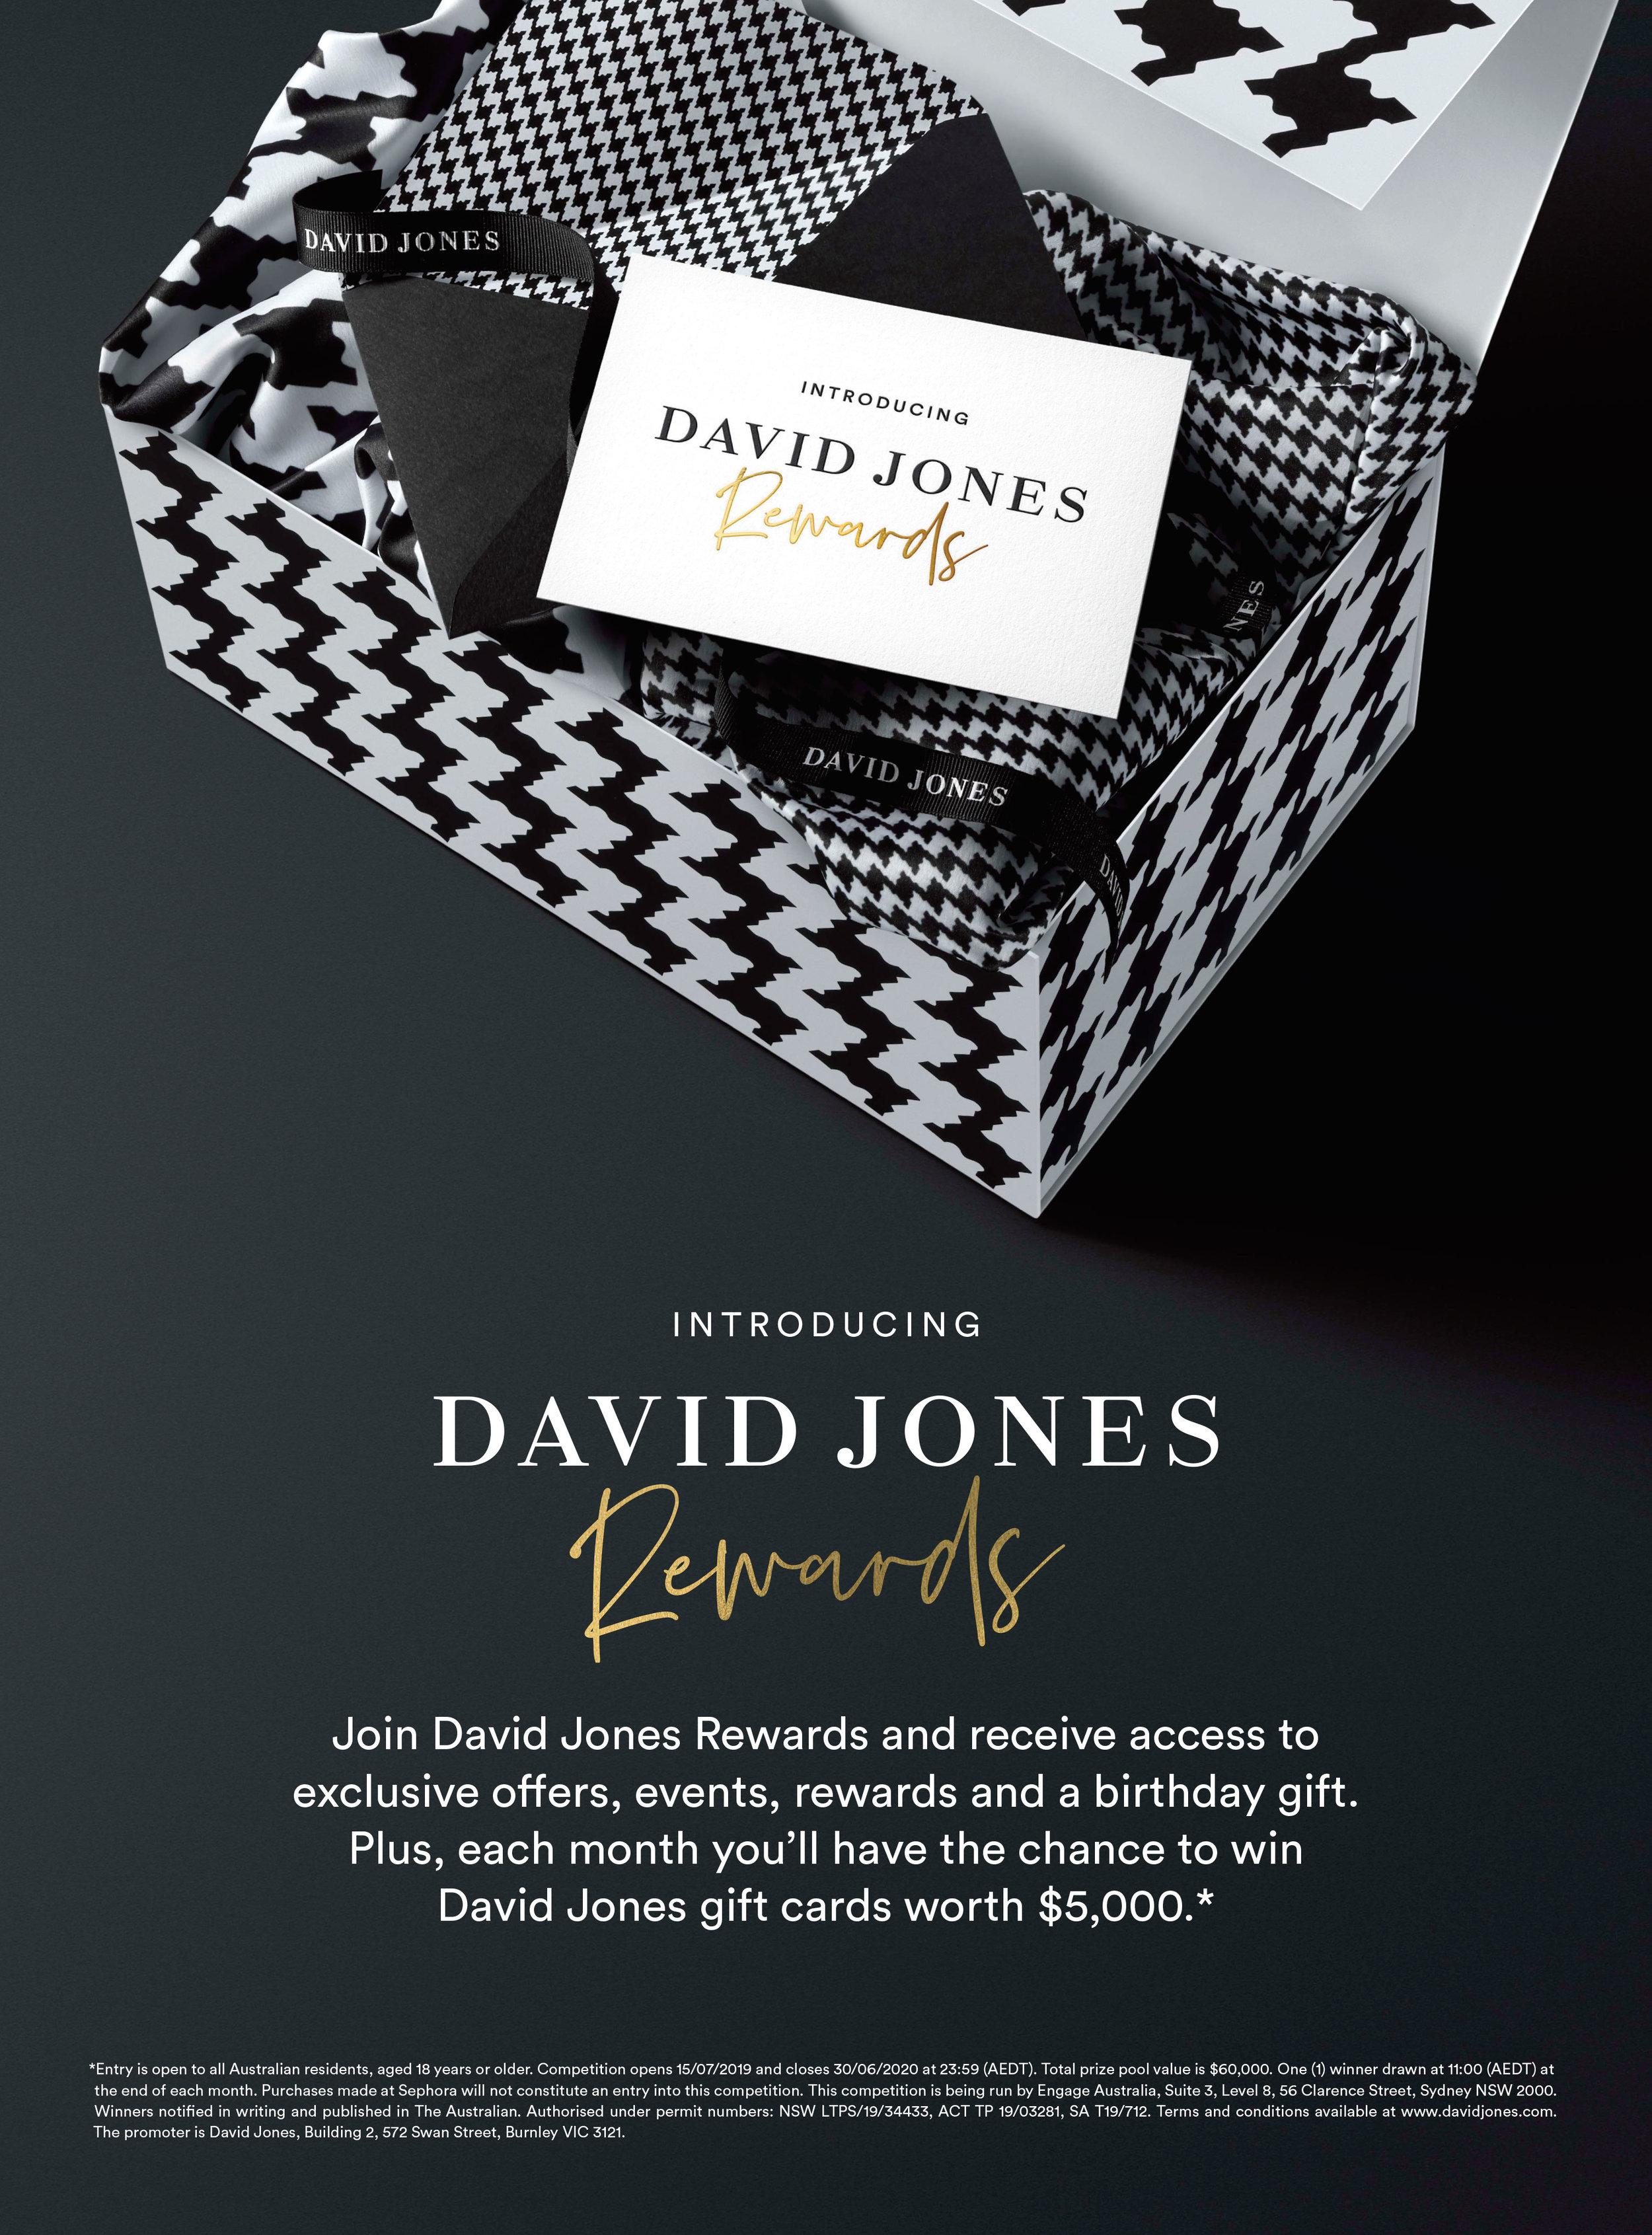 David Jones Rewards